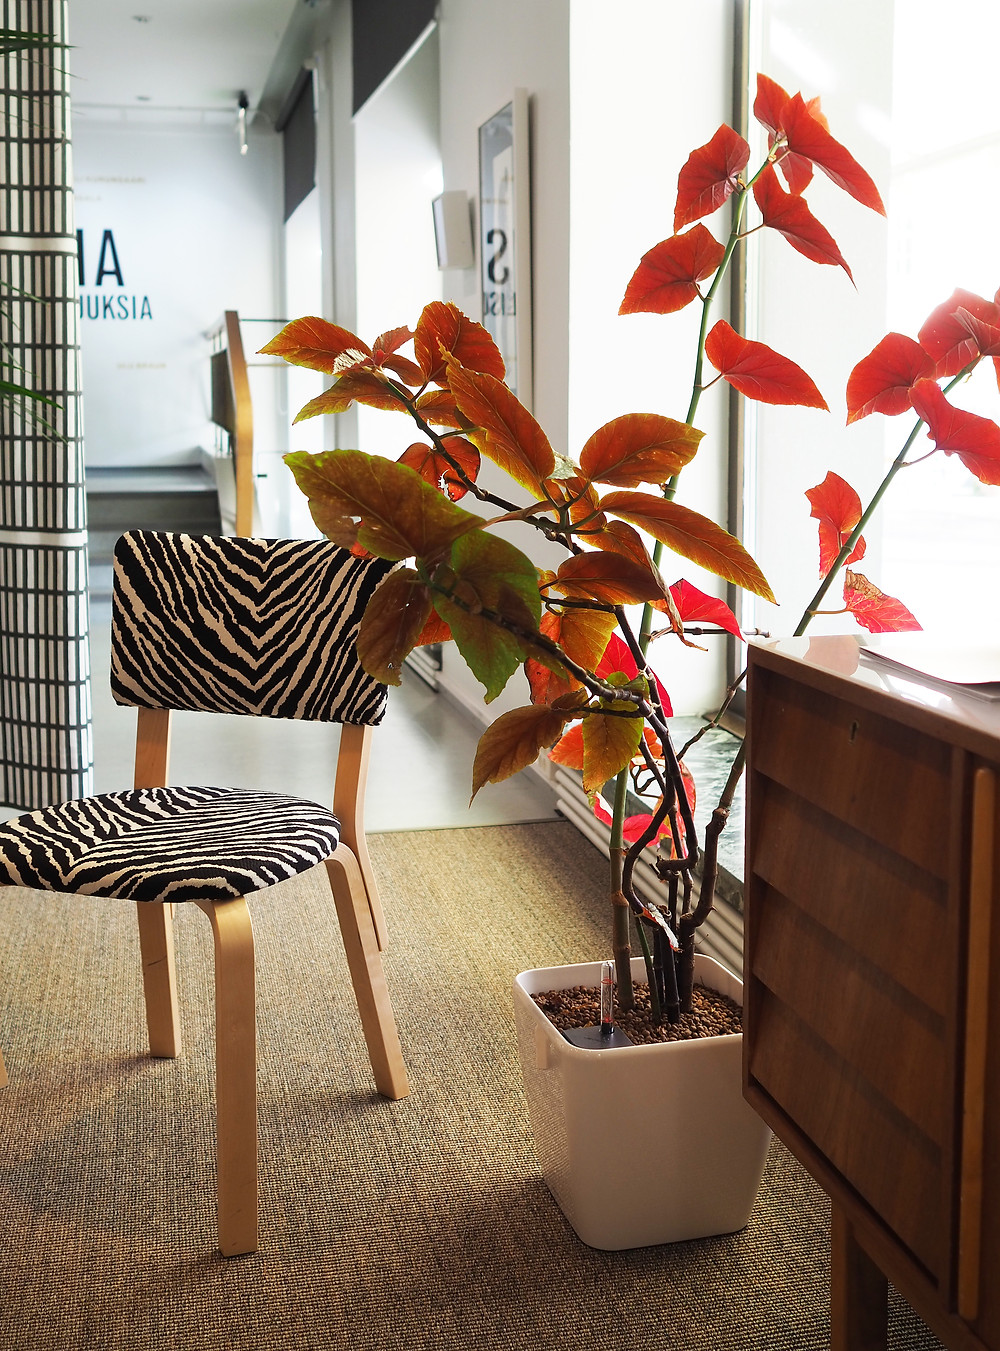 Jyväskylän taidemuseo Aalto-lounge